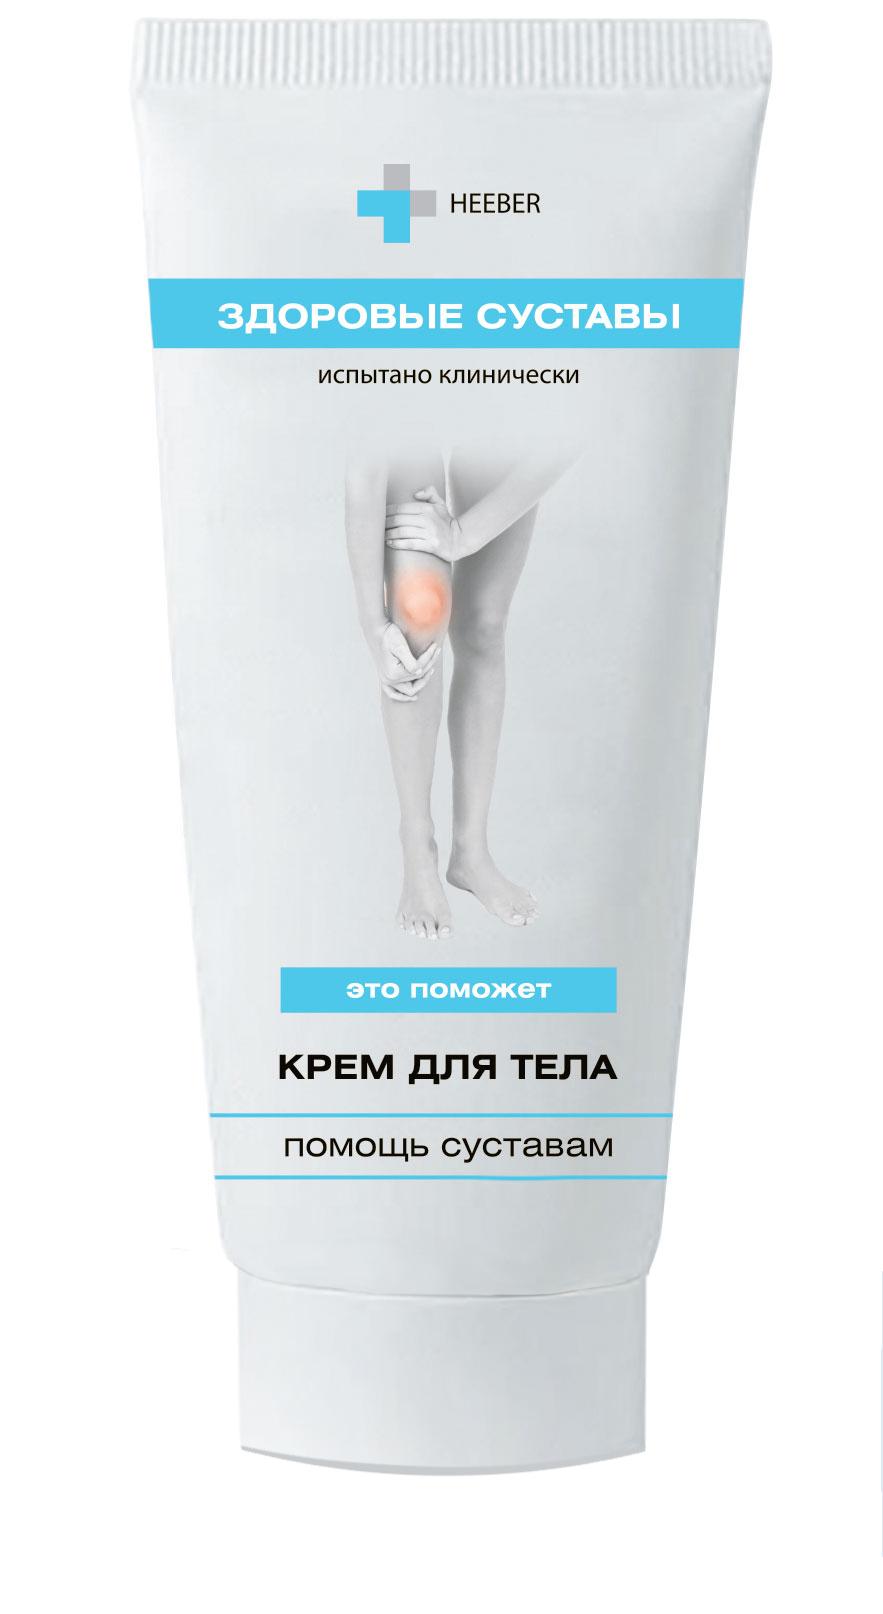 Heeber здоровые суставы киста в локтевом суставе симптомы